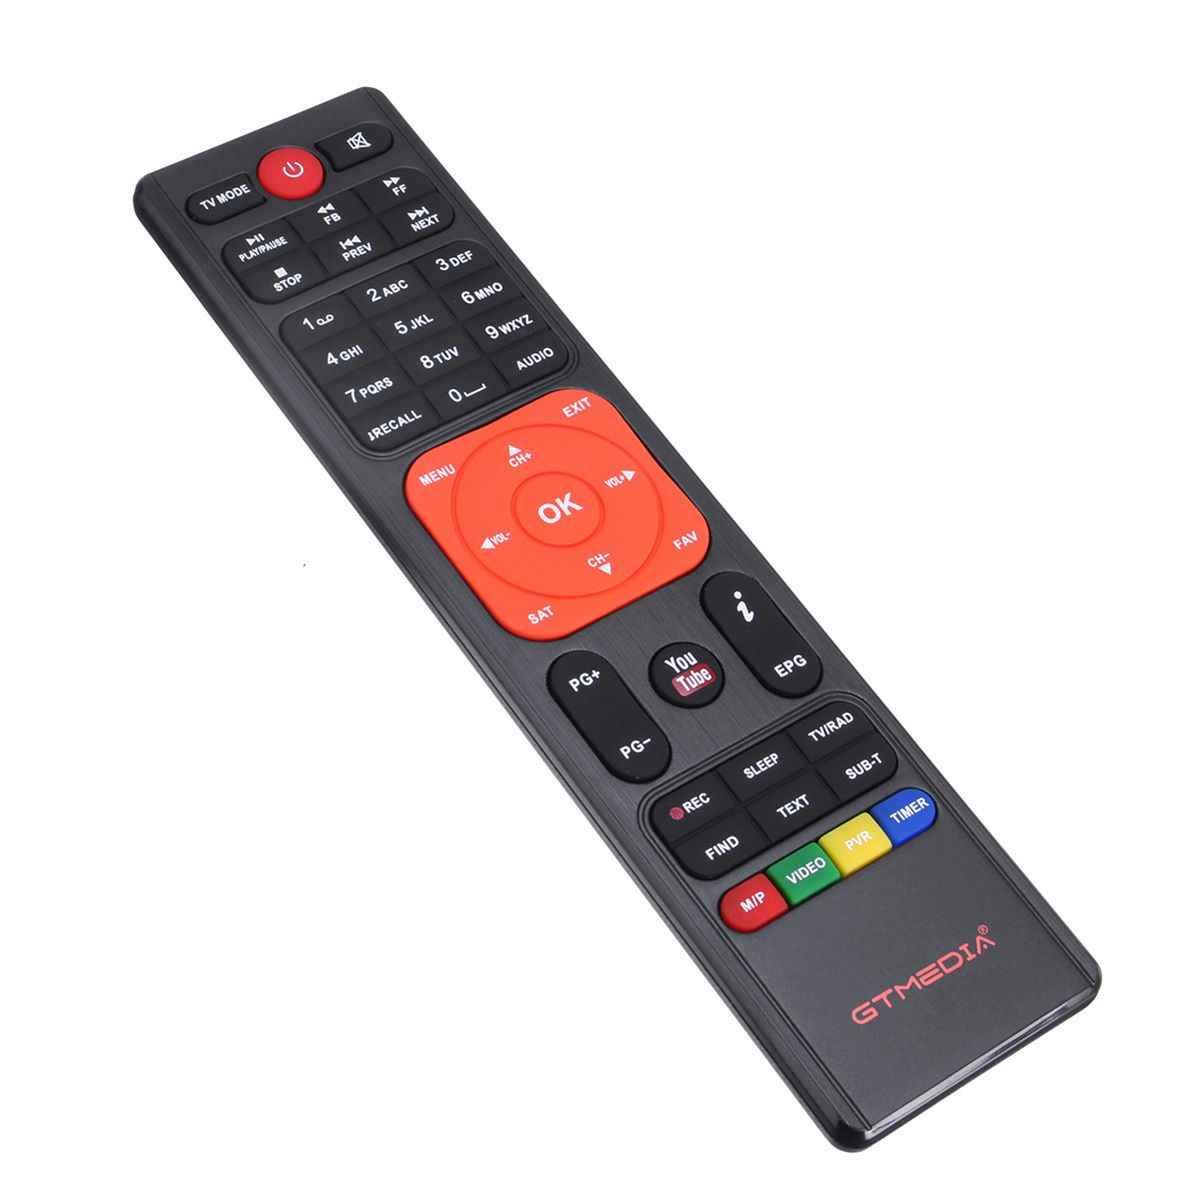 GTMEDIA V7 плюс DVB-S2 спутниковый DVB-T2 наземного ТВ комбинированный приемник Поддержка H.265 испанский итальянский